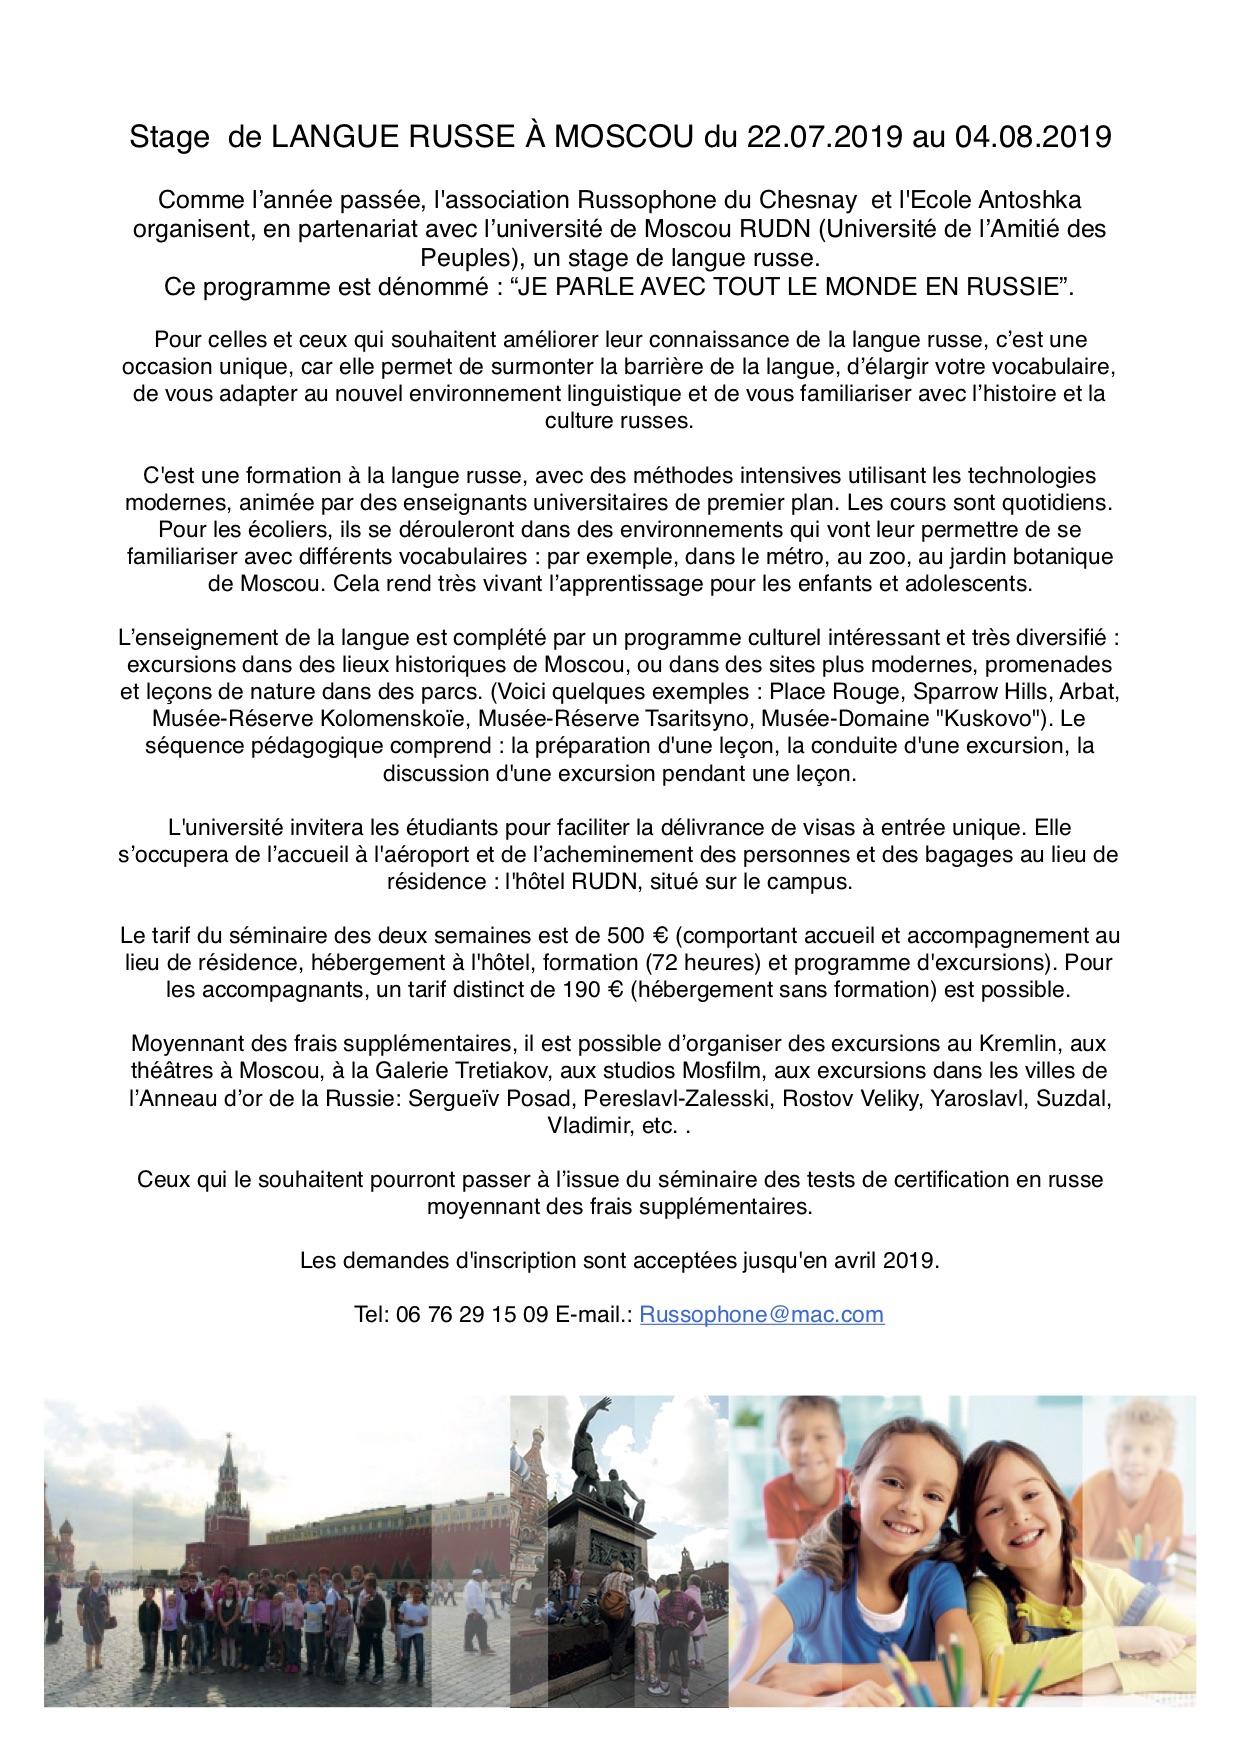 Ведётся набор группы для поездки в Москву в летнюю школу русского языка RUDN-university